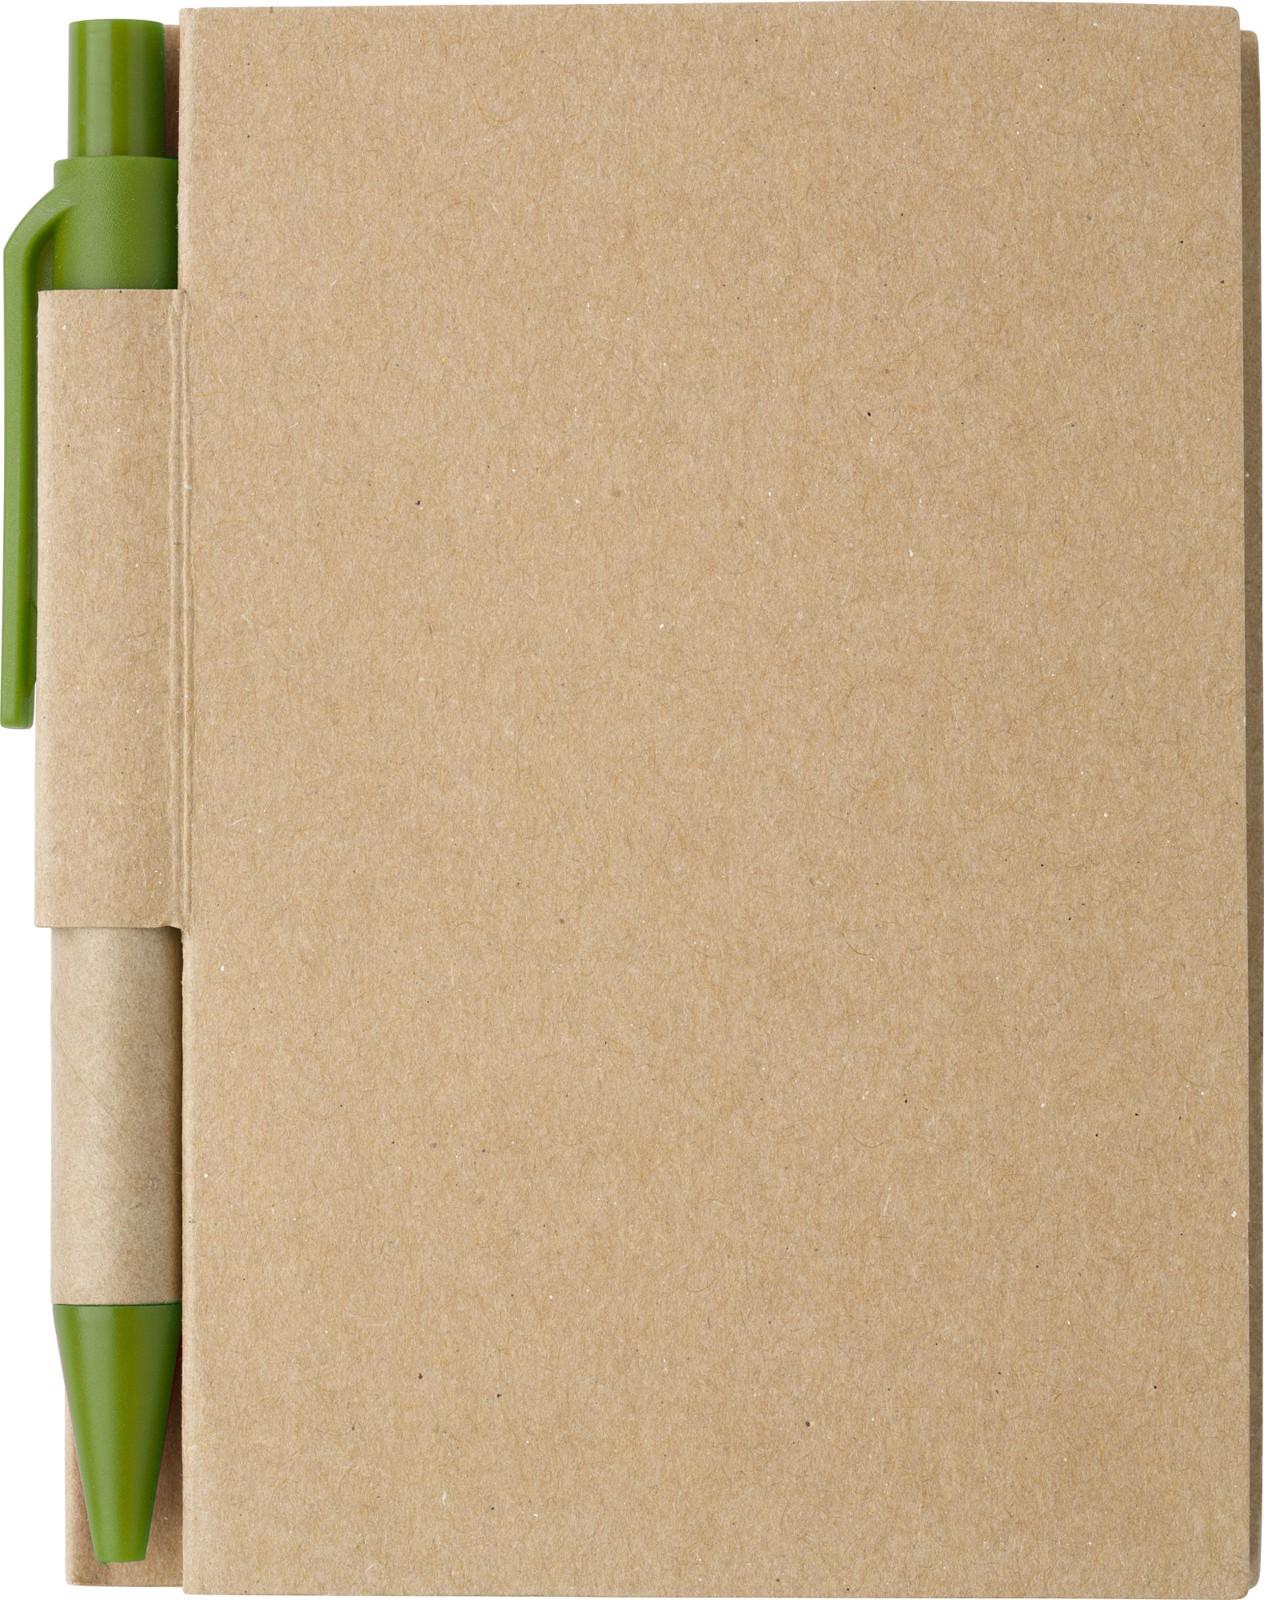 Paper notebook - Light Green